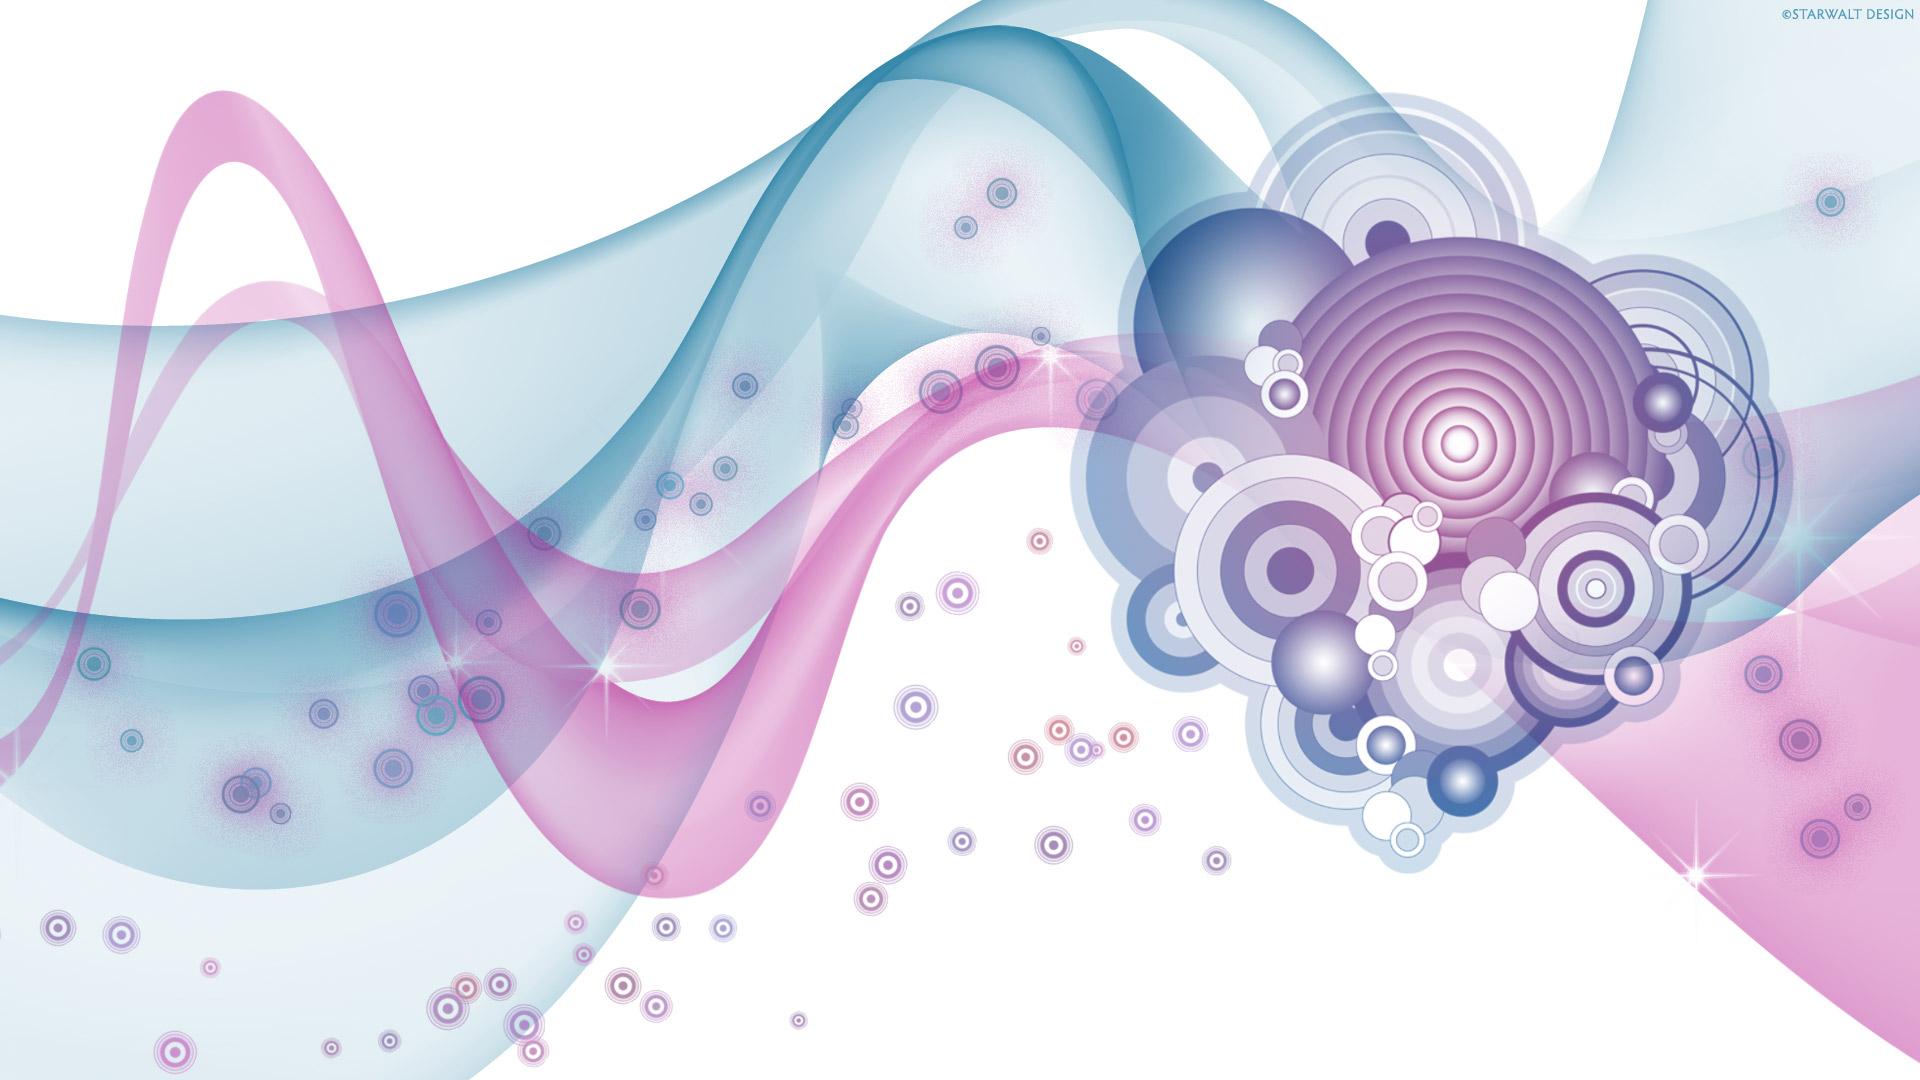 HD Wallpapers Vector Design